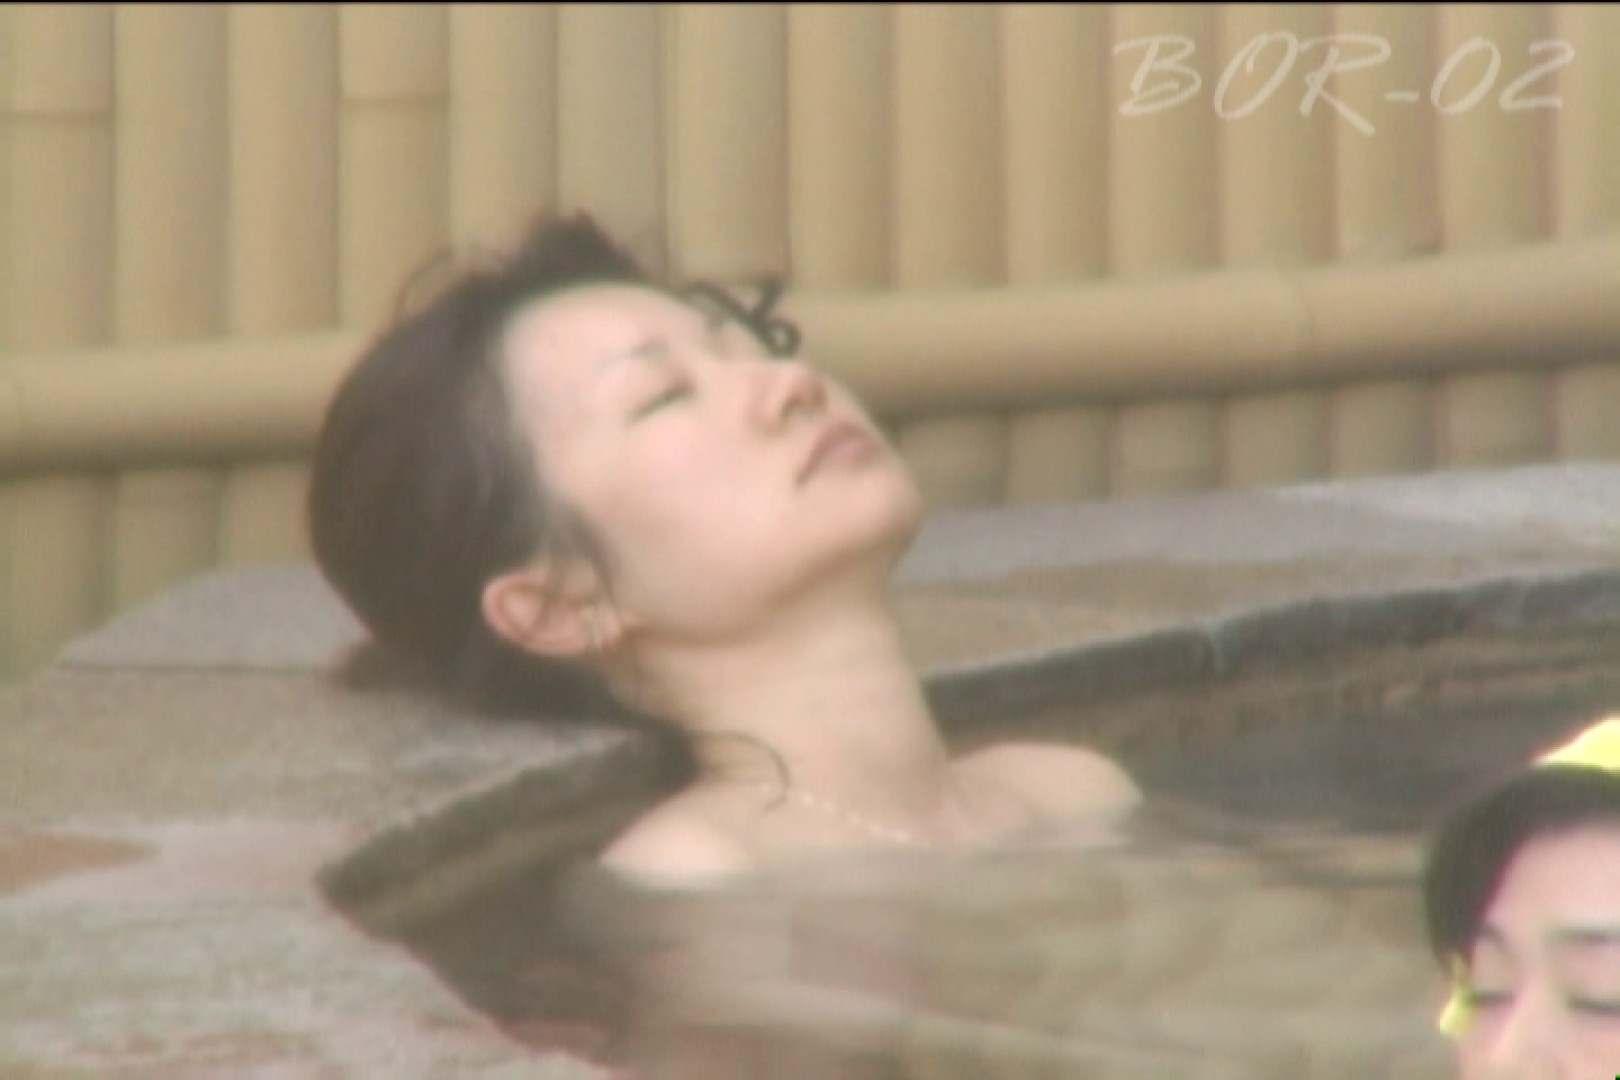 Aquaな露天風呂Vol.477 美しいOLの裸体   盗撮師作品  90pic 40